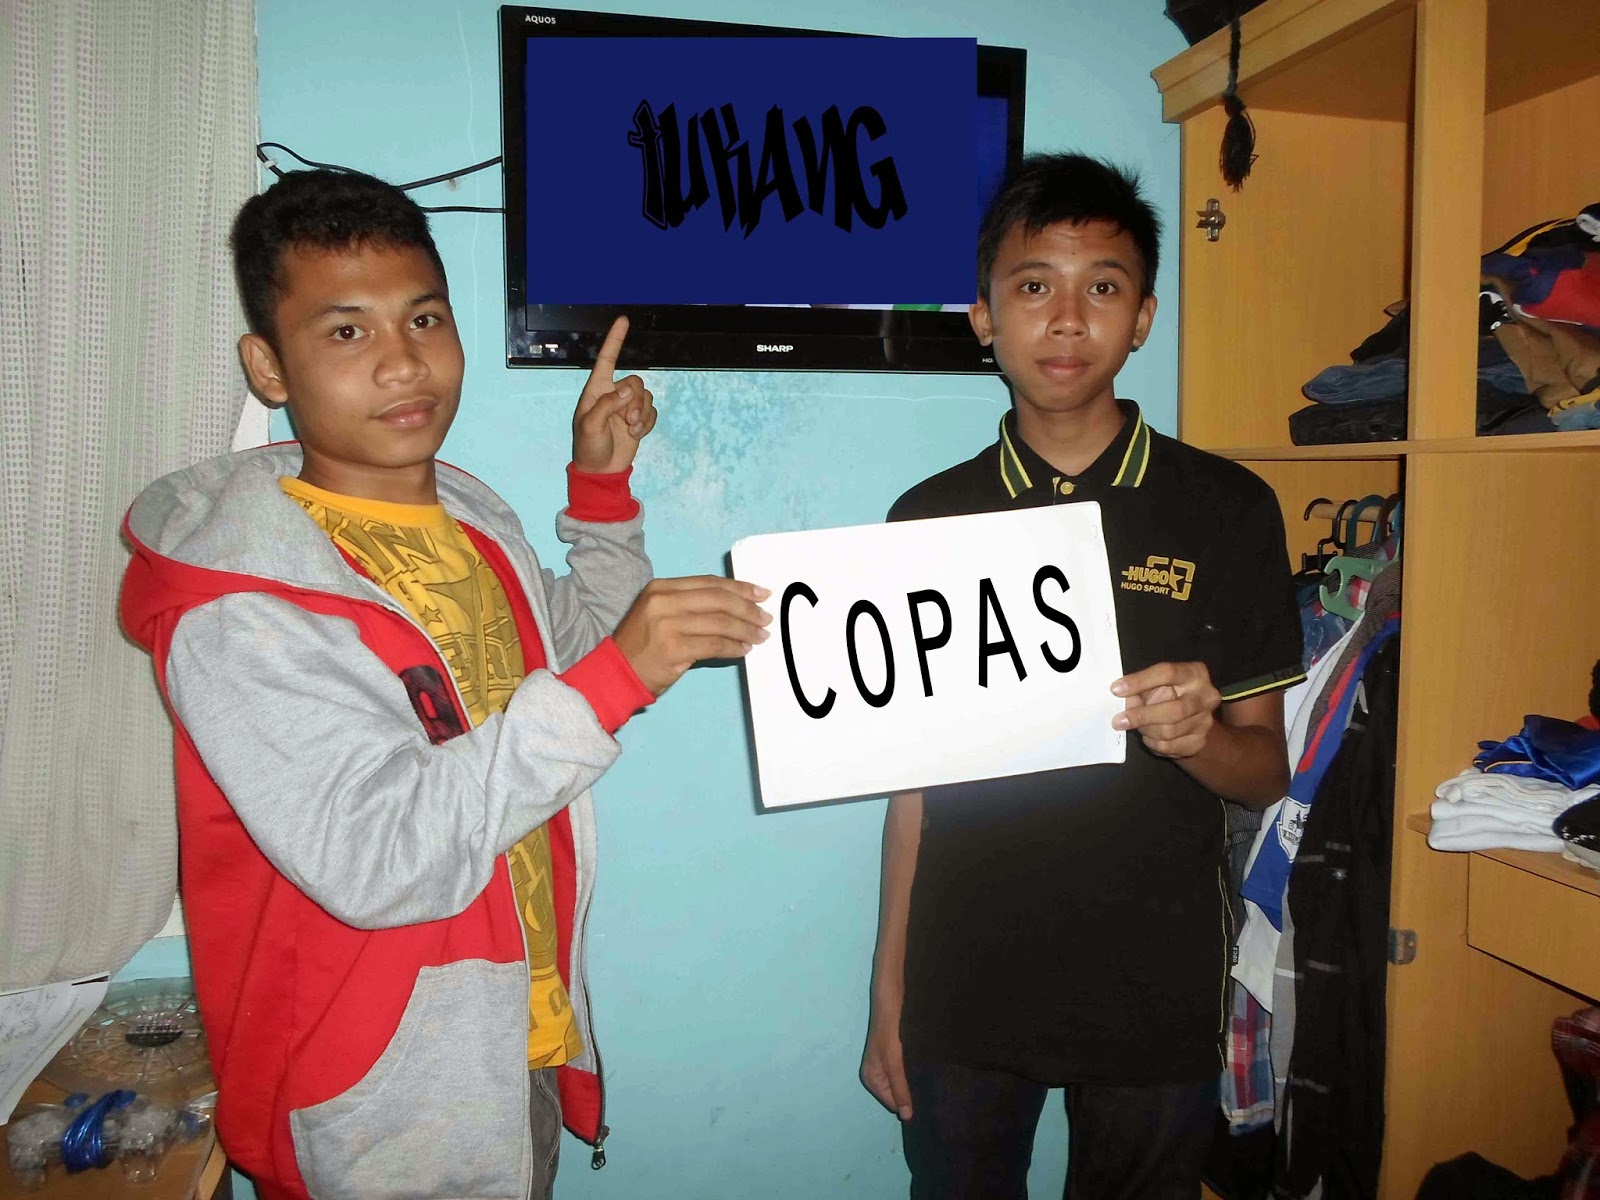 7 Blog Tukang Copas yang Paling Super Di Indonesia